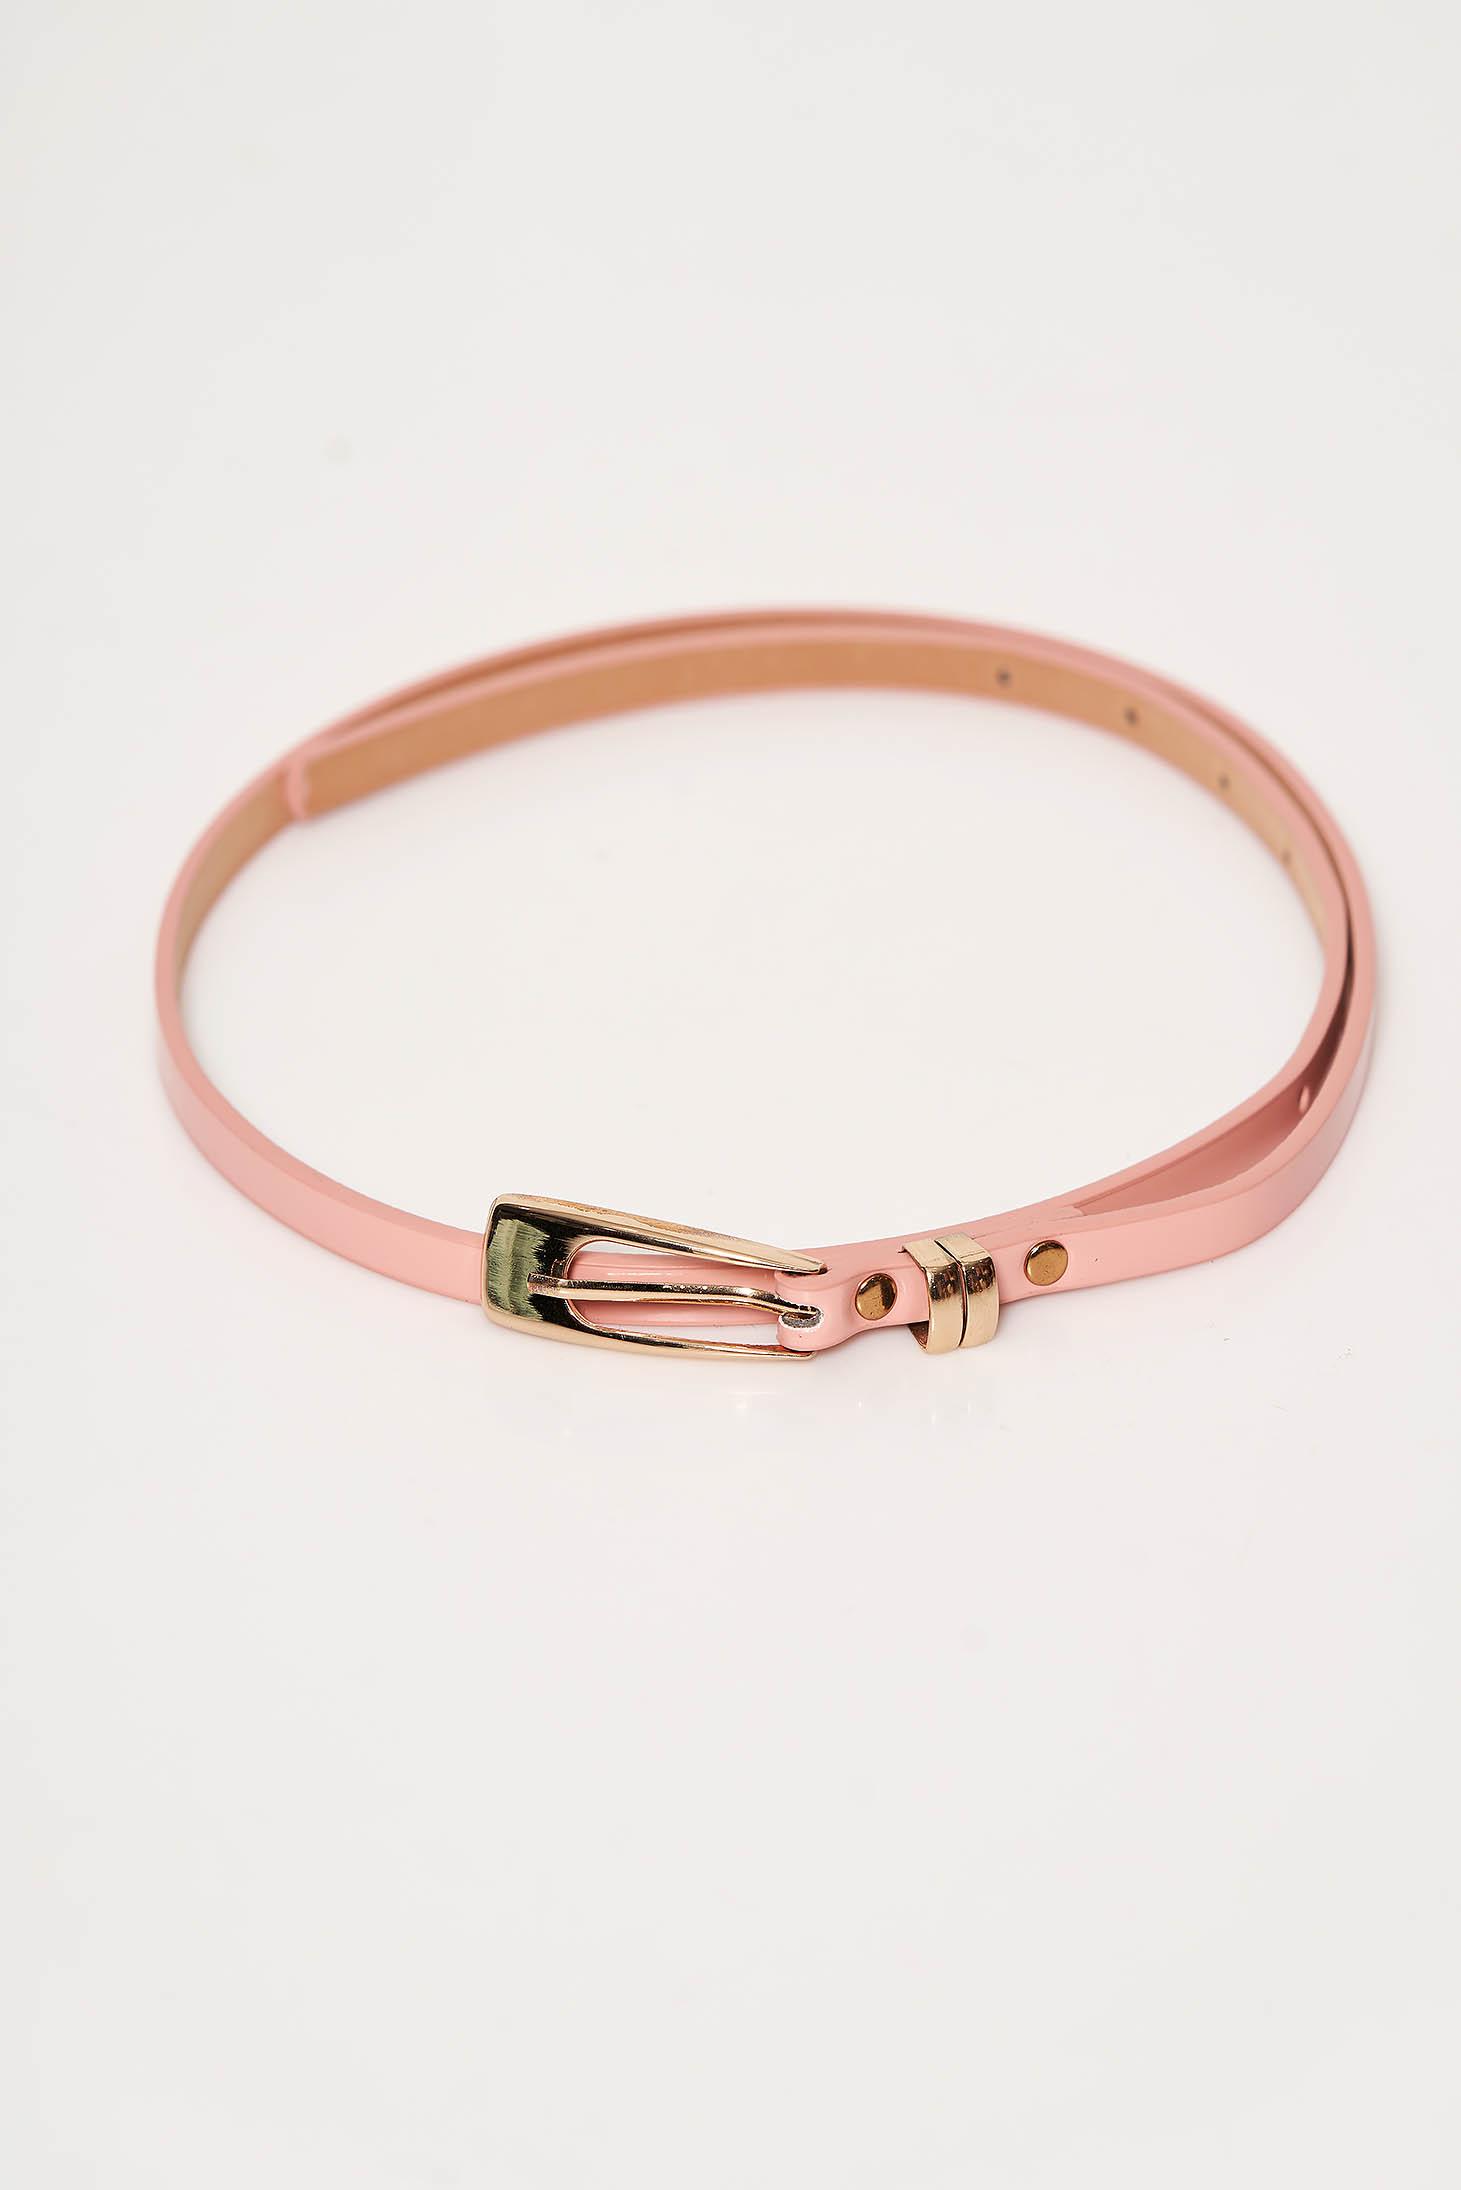 Curea StarShinerS roz prafuit din piele ecologica lacuita accesorizata cu o catarama metalica